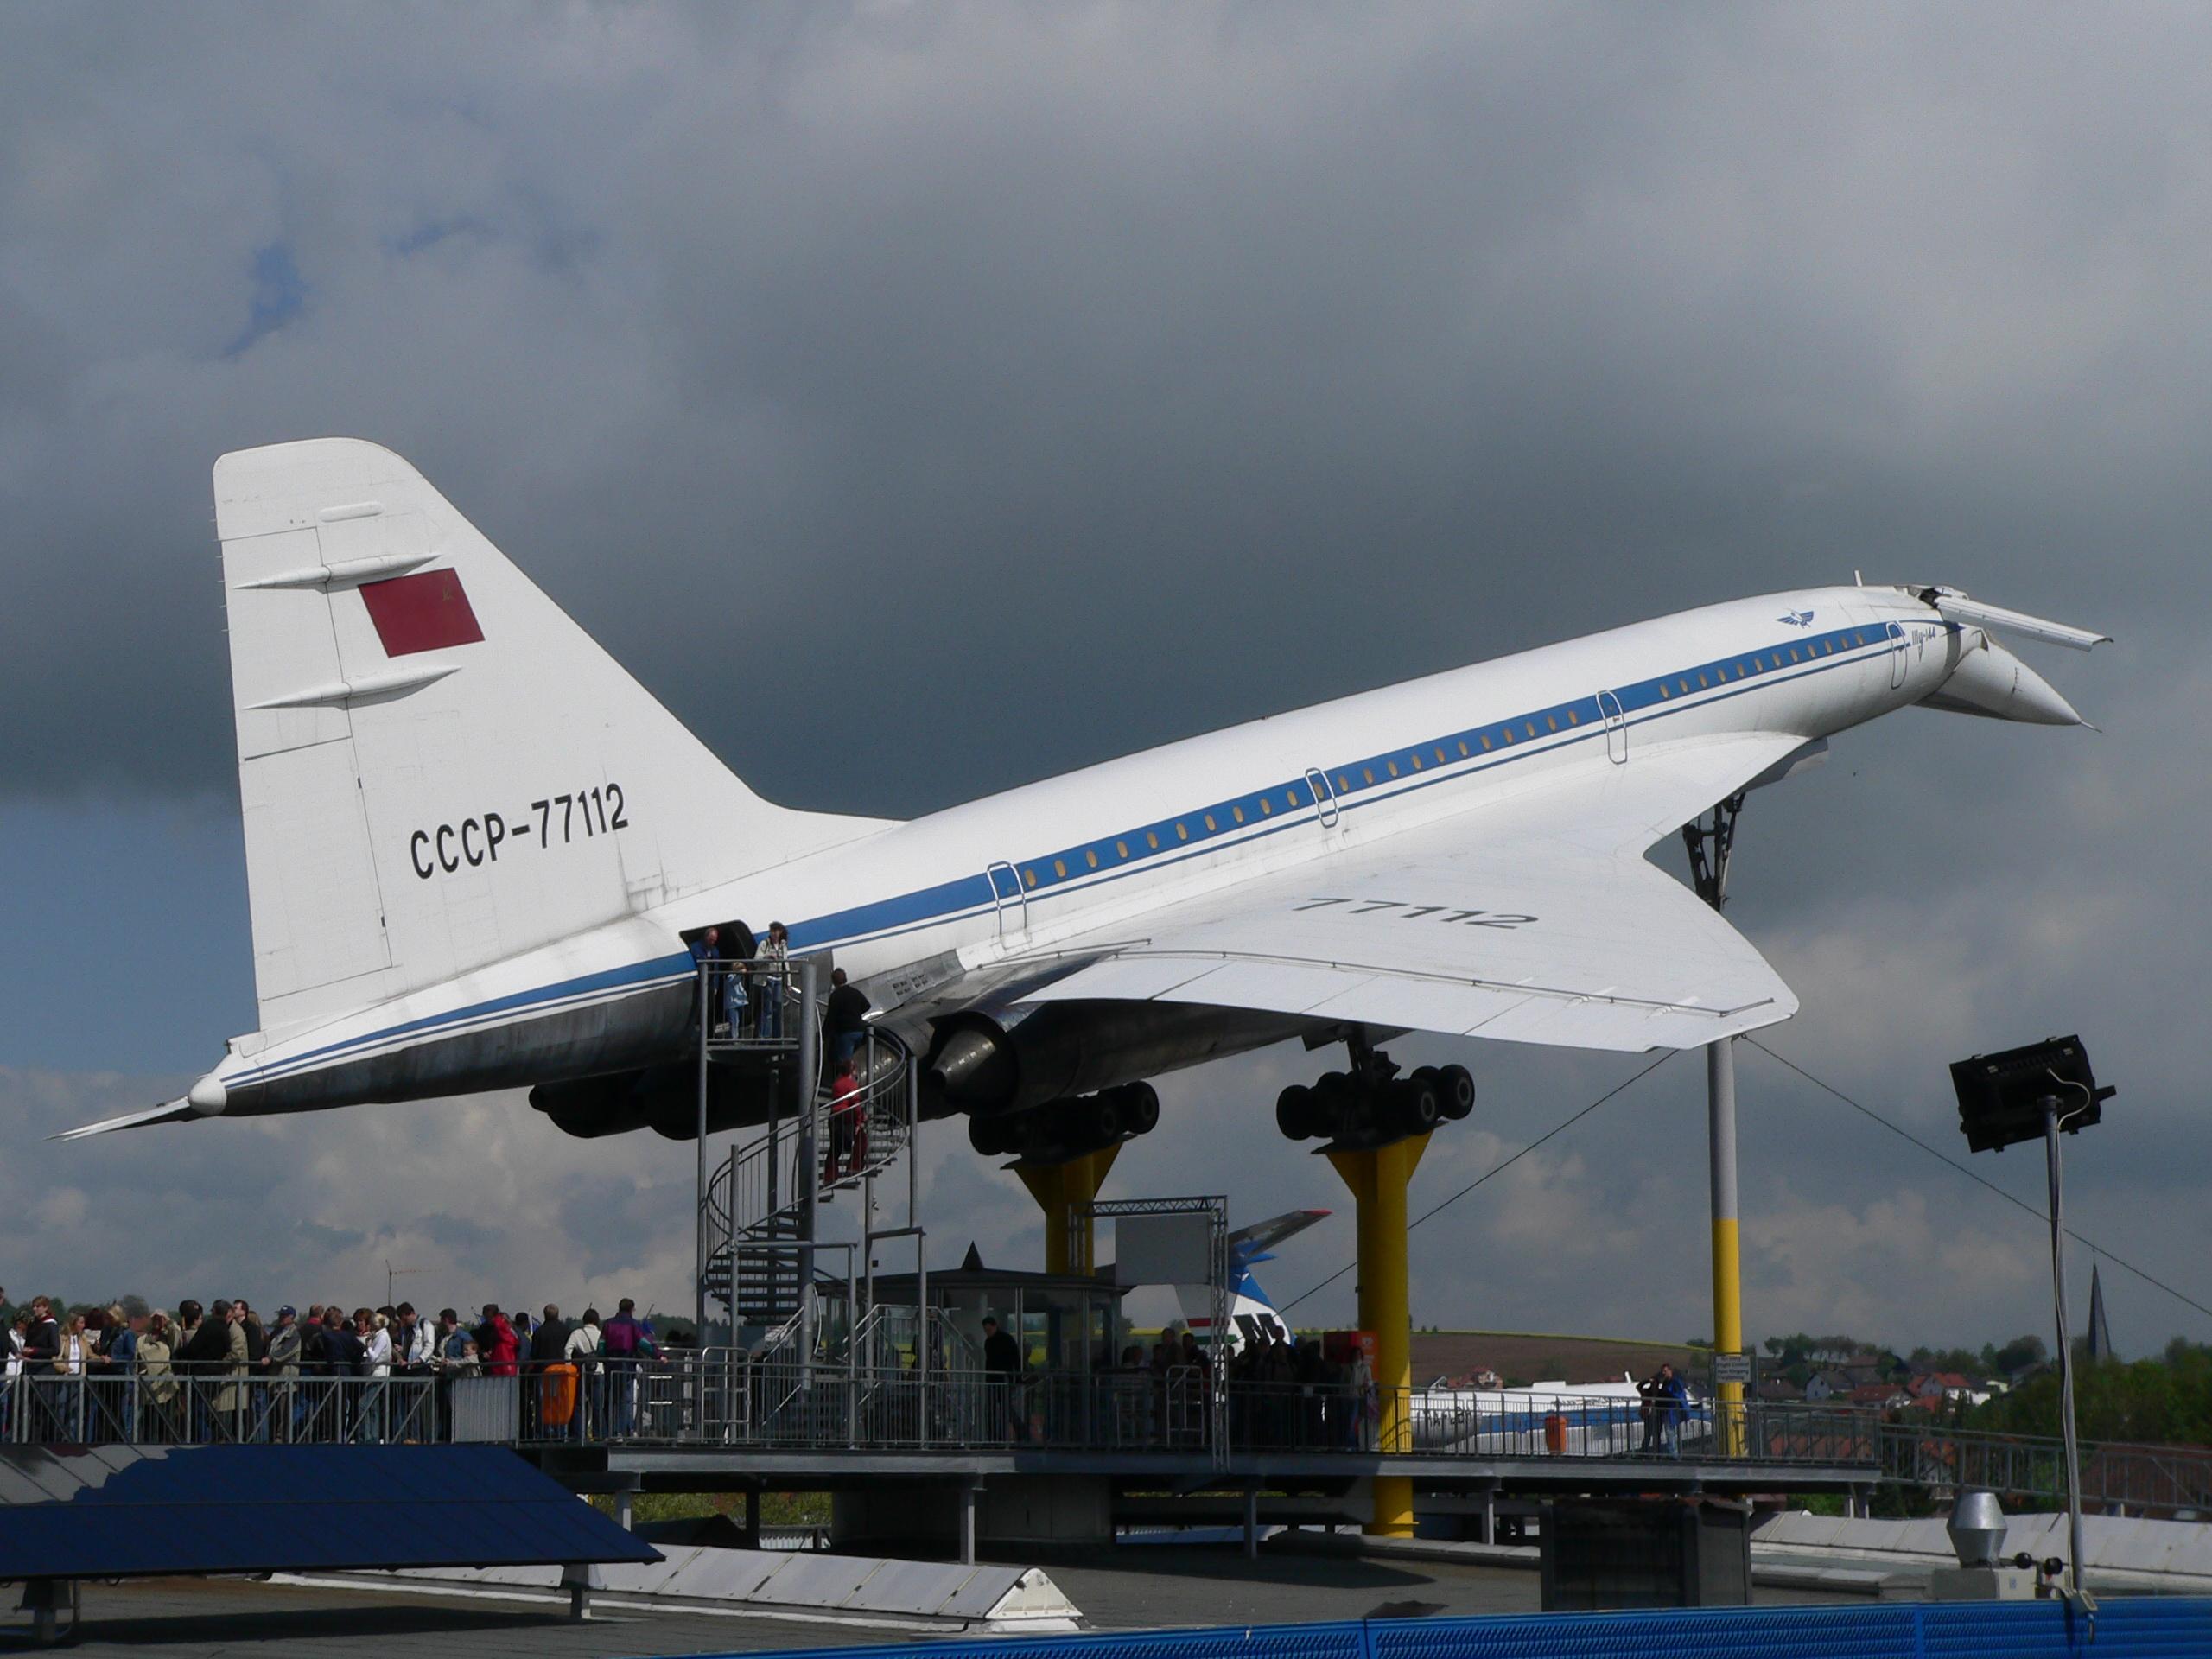 En af Tupolevs tidligere supersoniske fly, Tu-144, på et tysk museum. Foto: Hans-Peter Scholz, CC 2.0